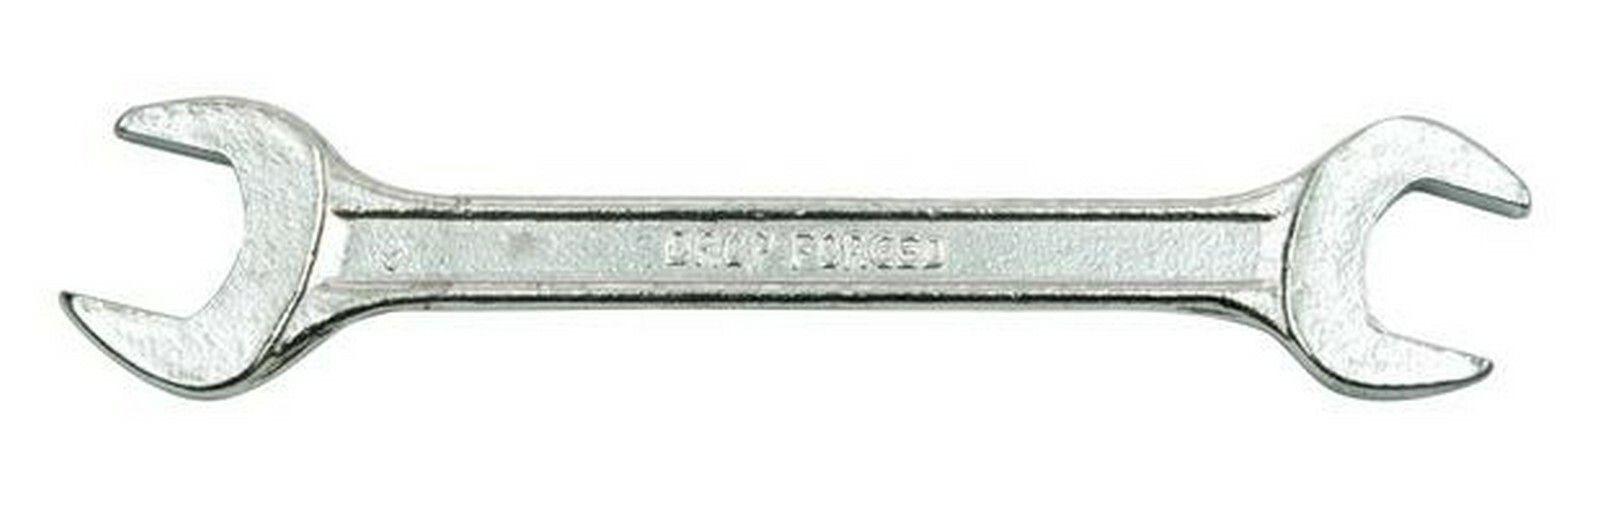 Klíč plochý 10 x 13 mm TOYA